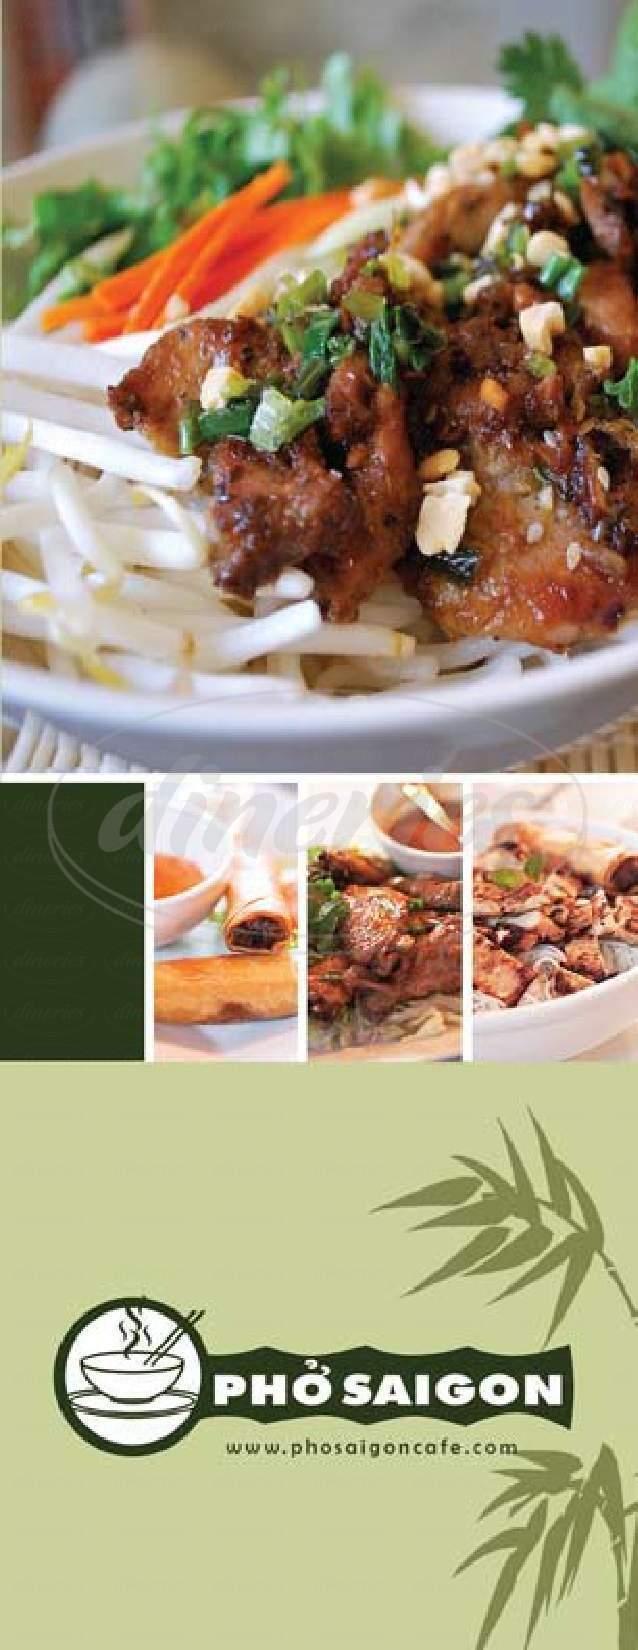 menu for Pho Saigon Restaurant